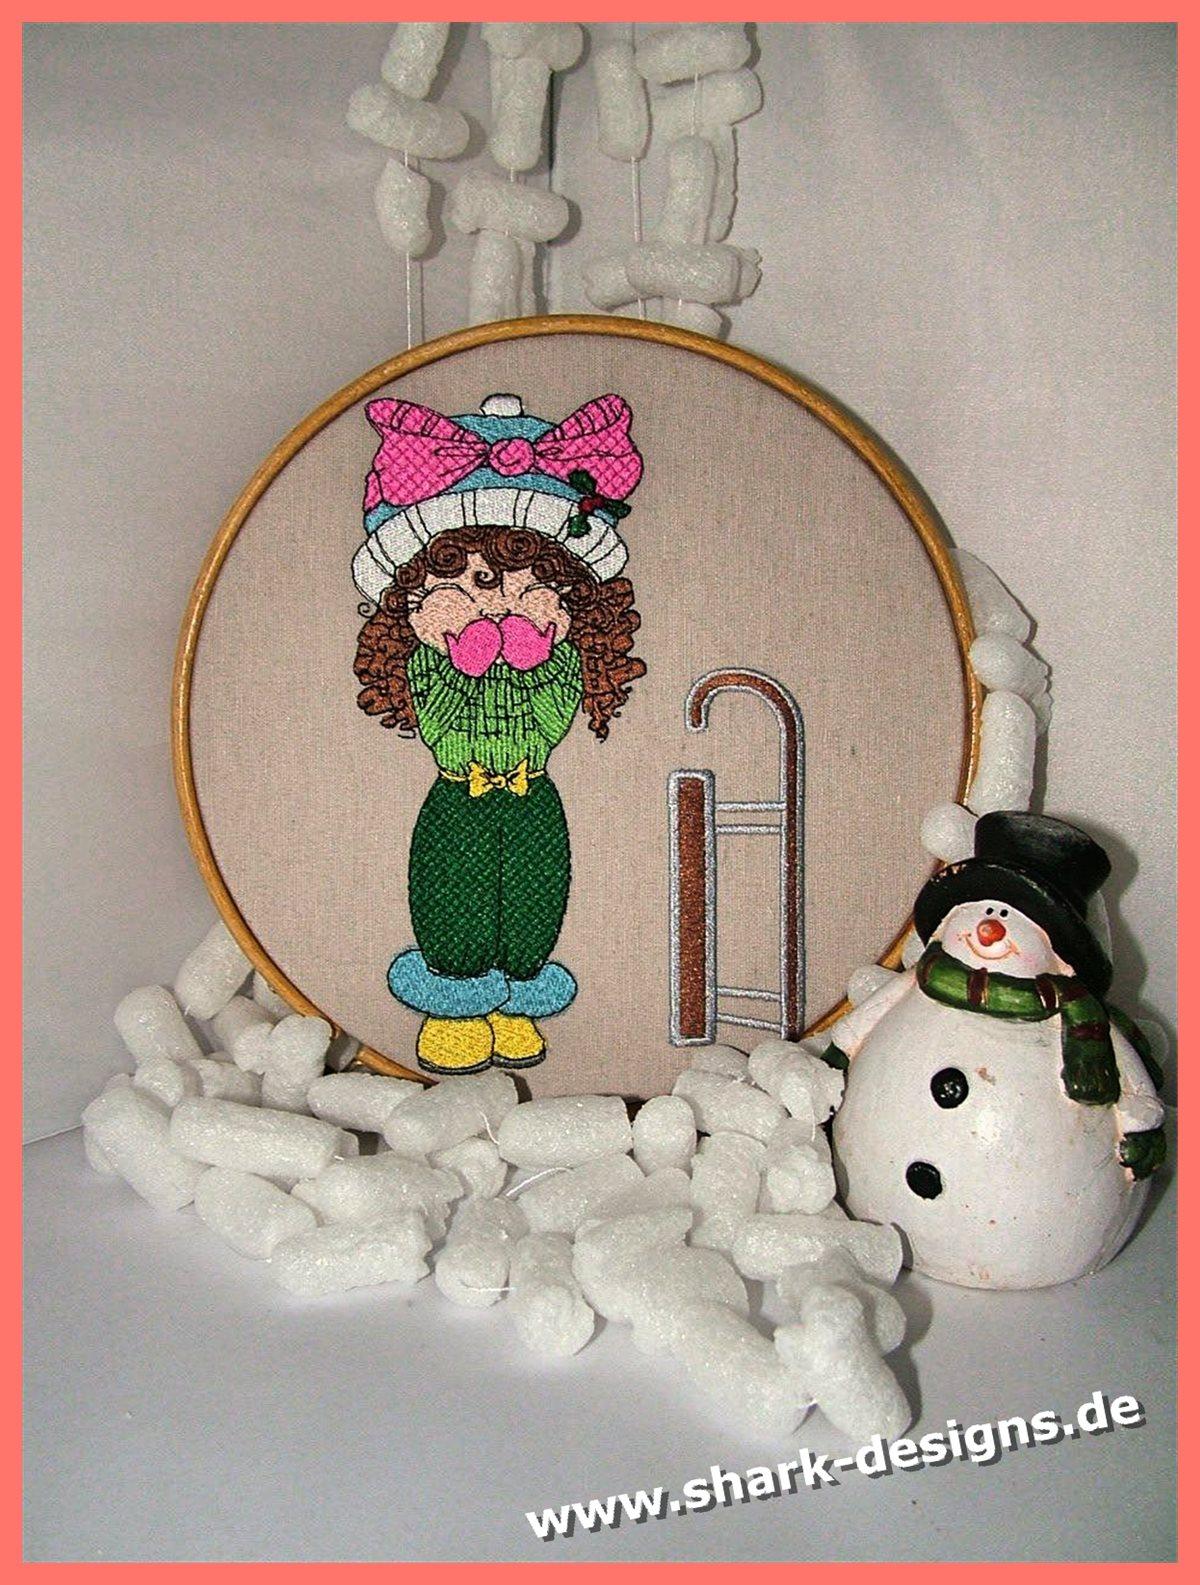 Snow Doll Missy Srtickdatei einer süßen Puppe mit Schlitten